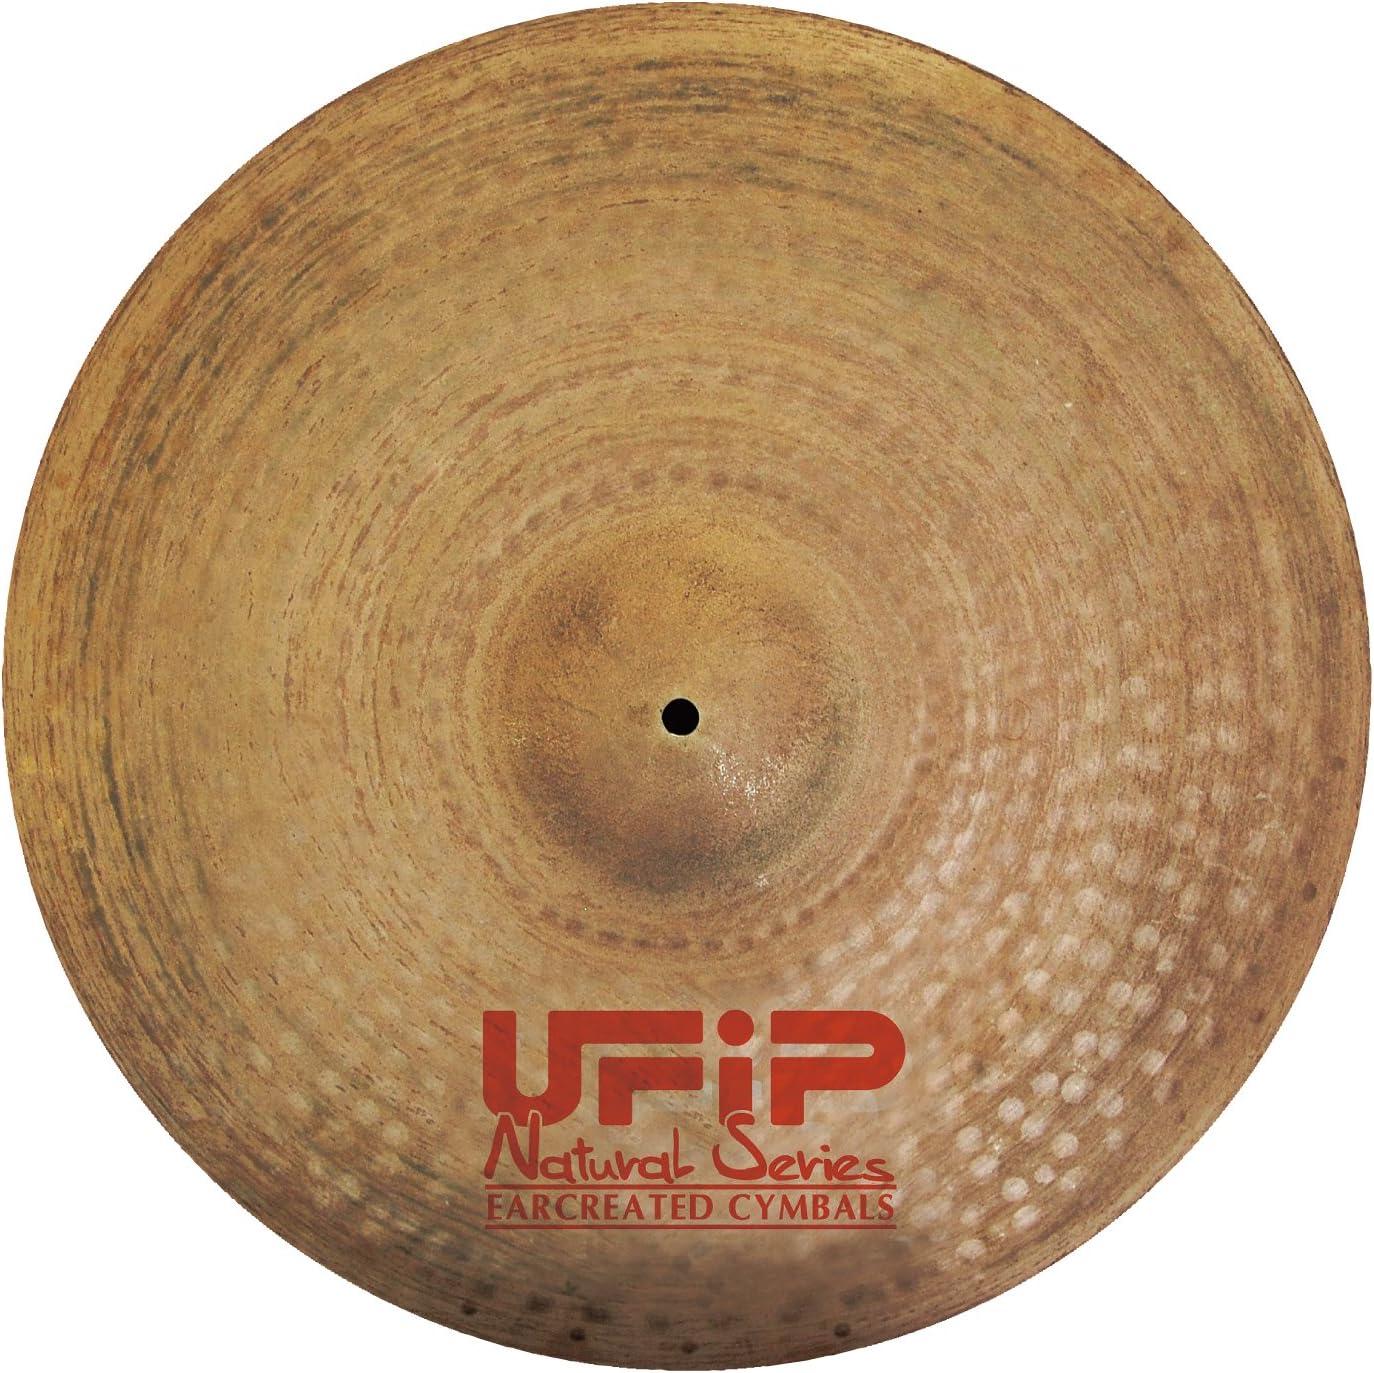 UFiP NATURAL シリーズ クラッシュ ライドシンバル 22インチ NS-22CR